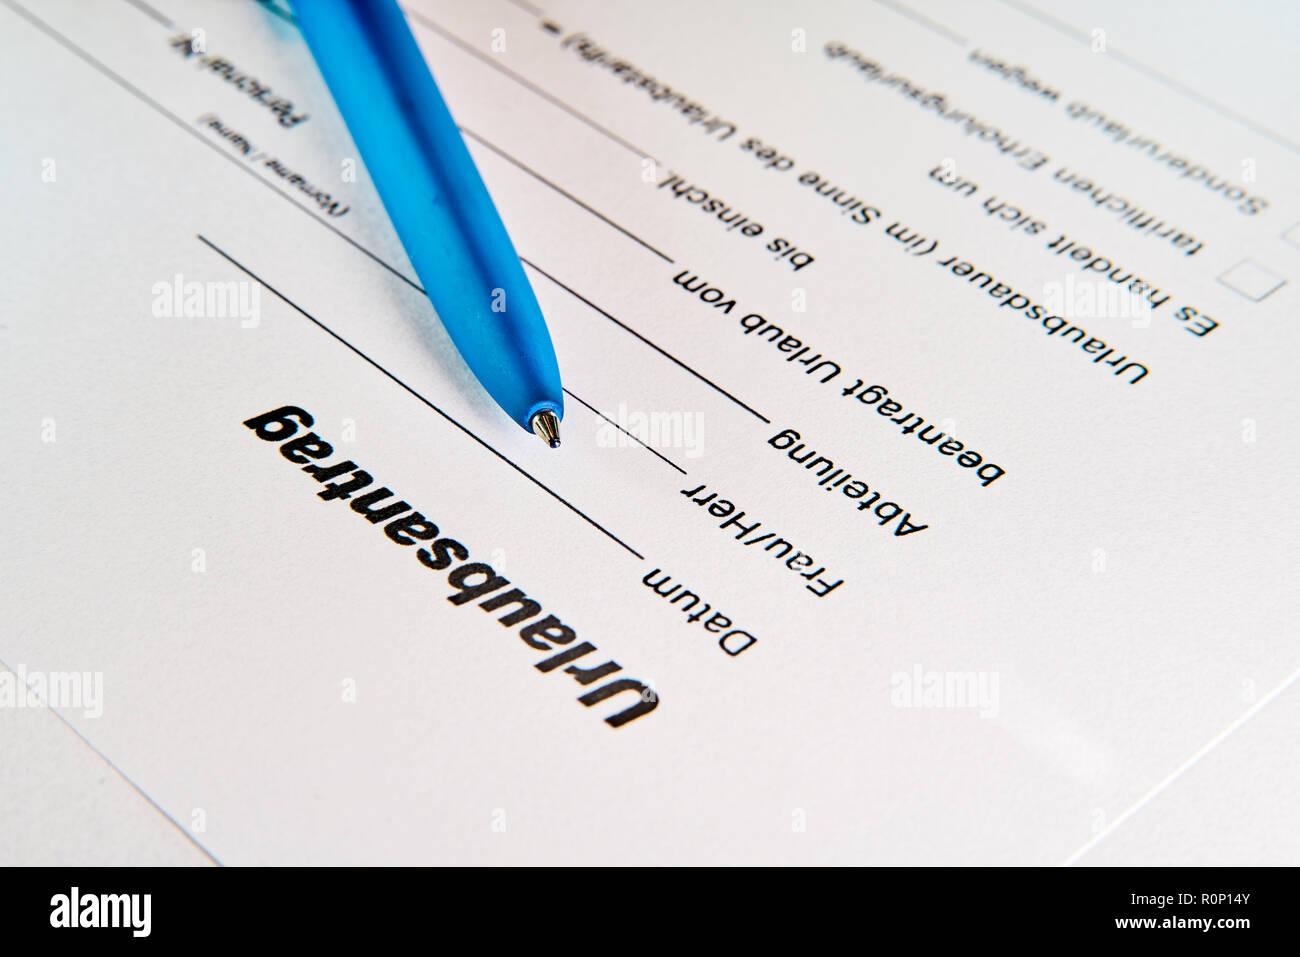 Antrag auf Zulassung eines Arbeitnehmers auf einem Tisch Stockbild